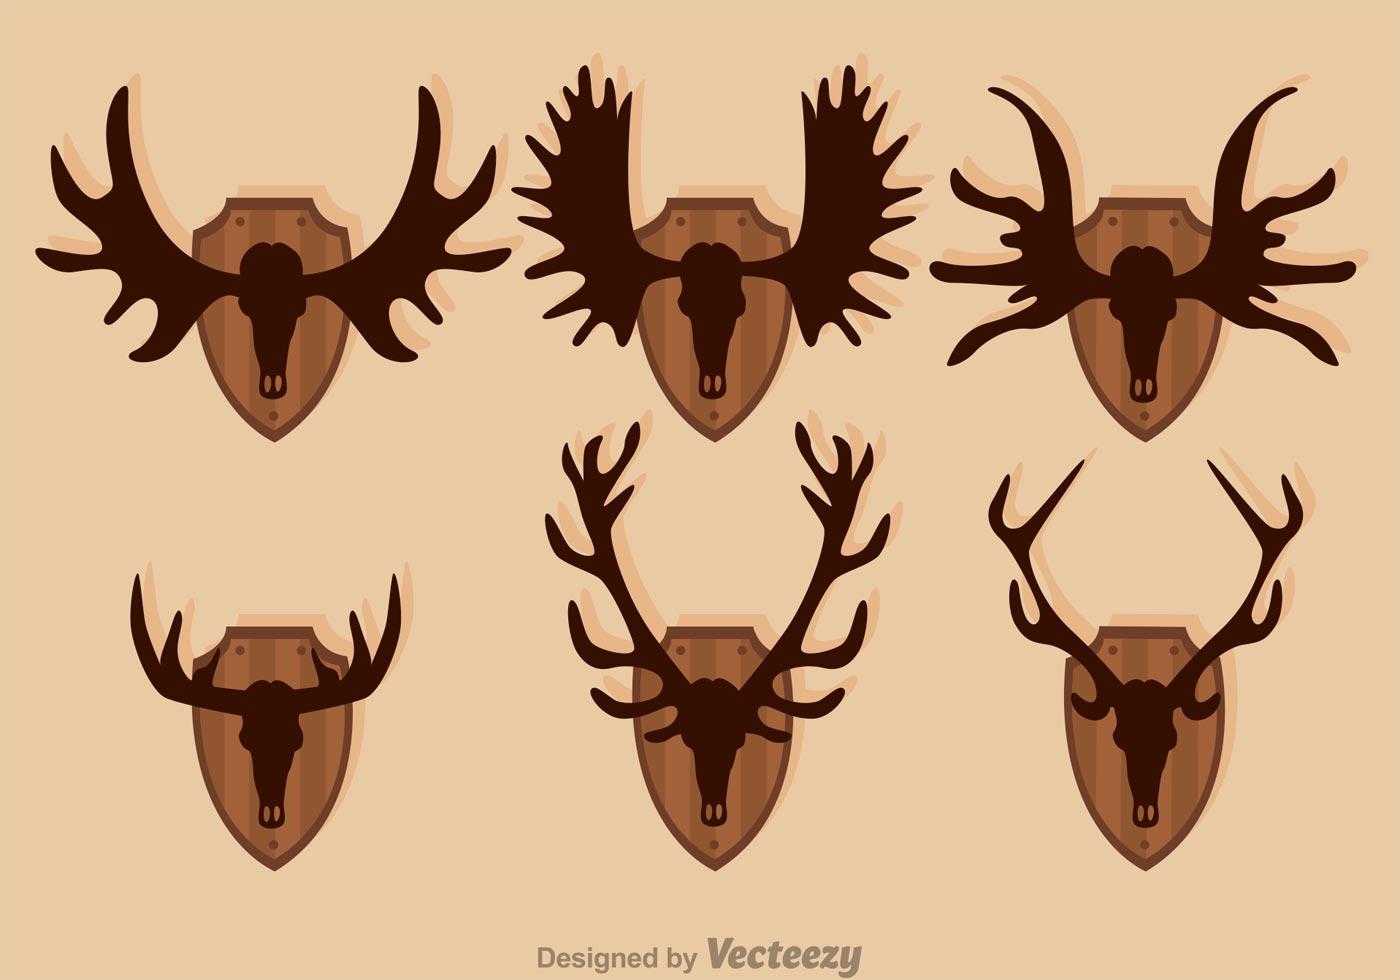 moose and deer hunting trophy vectors download free deer antler vector art download deer antler vector art